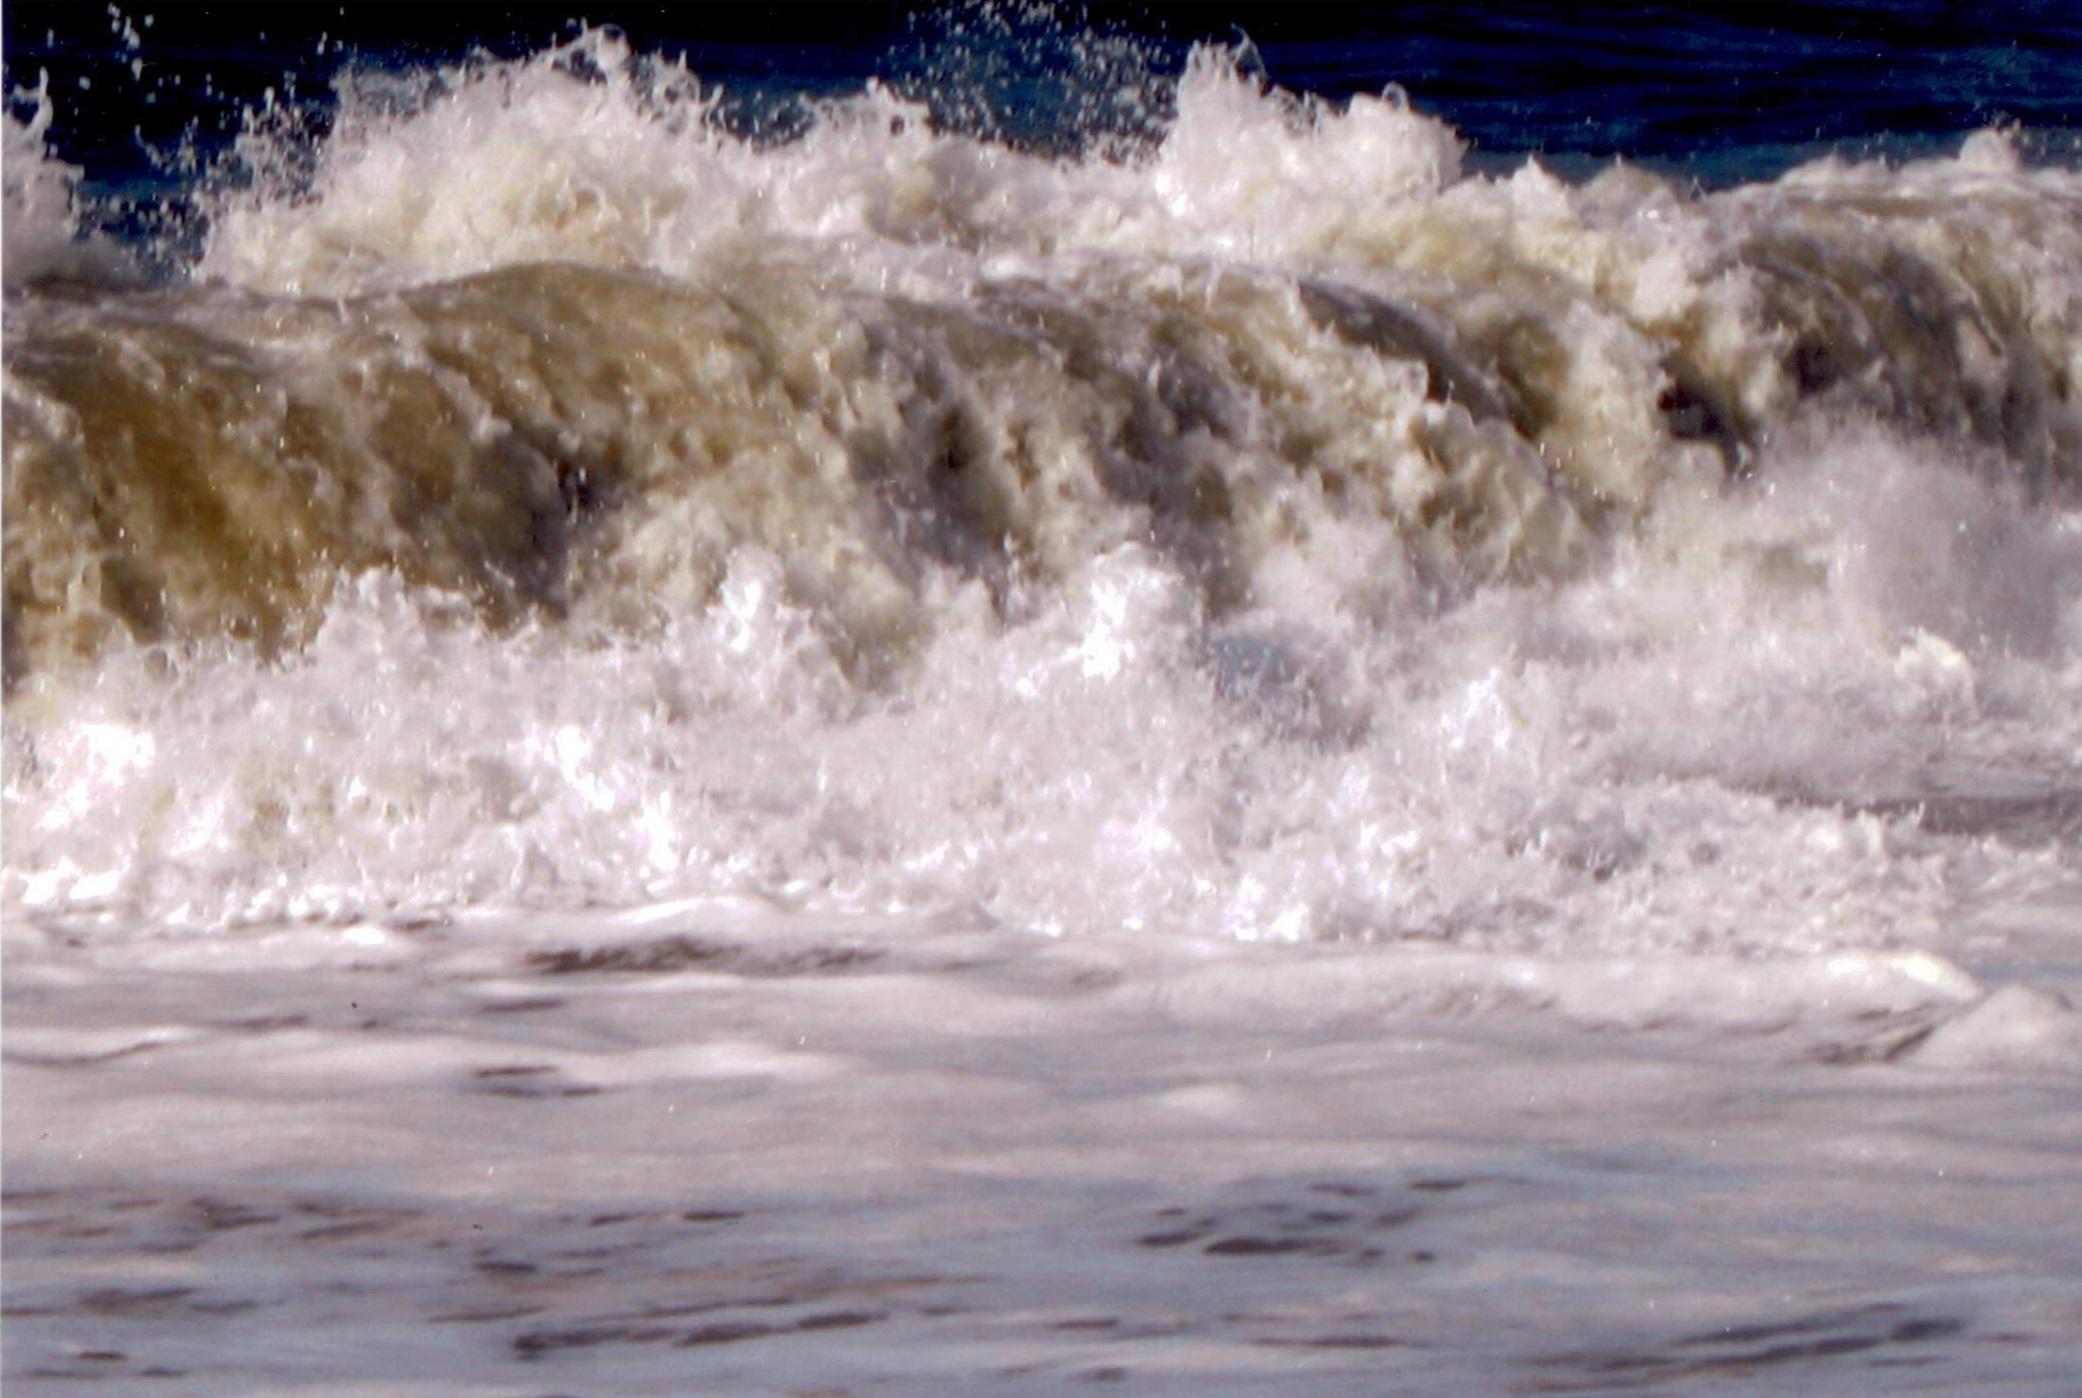 Qui in questa foto, come si vede, ci sono i spiriti dei navigatori con questi rolli grande di acque mandono le barche al fondo del mare. Questi giochi dei spiriti è finito perchè DIO UNIVERSALE a tolti i spiriti satanico dal mare per salvare il popolo.